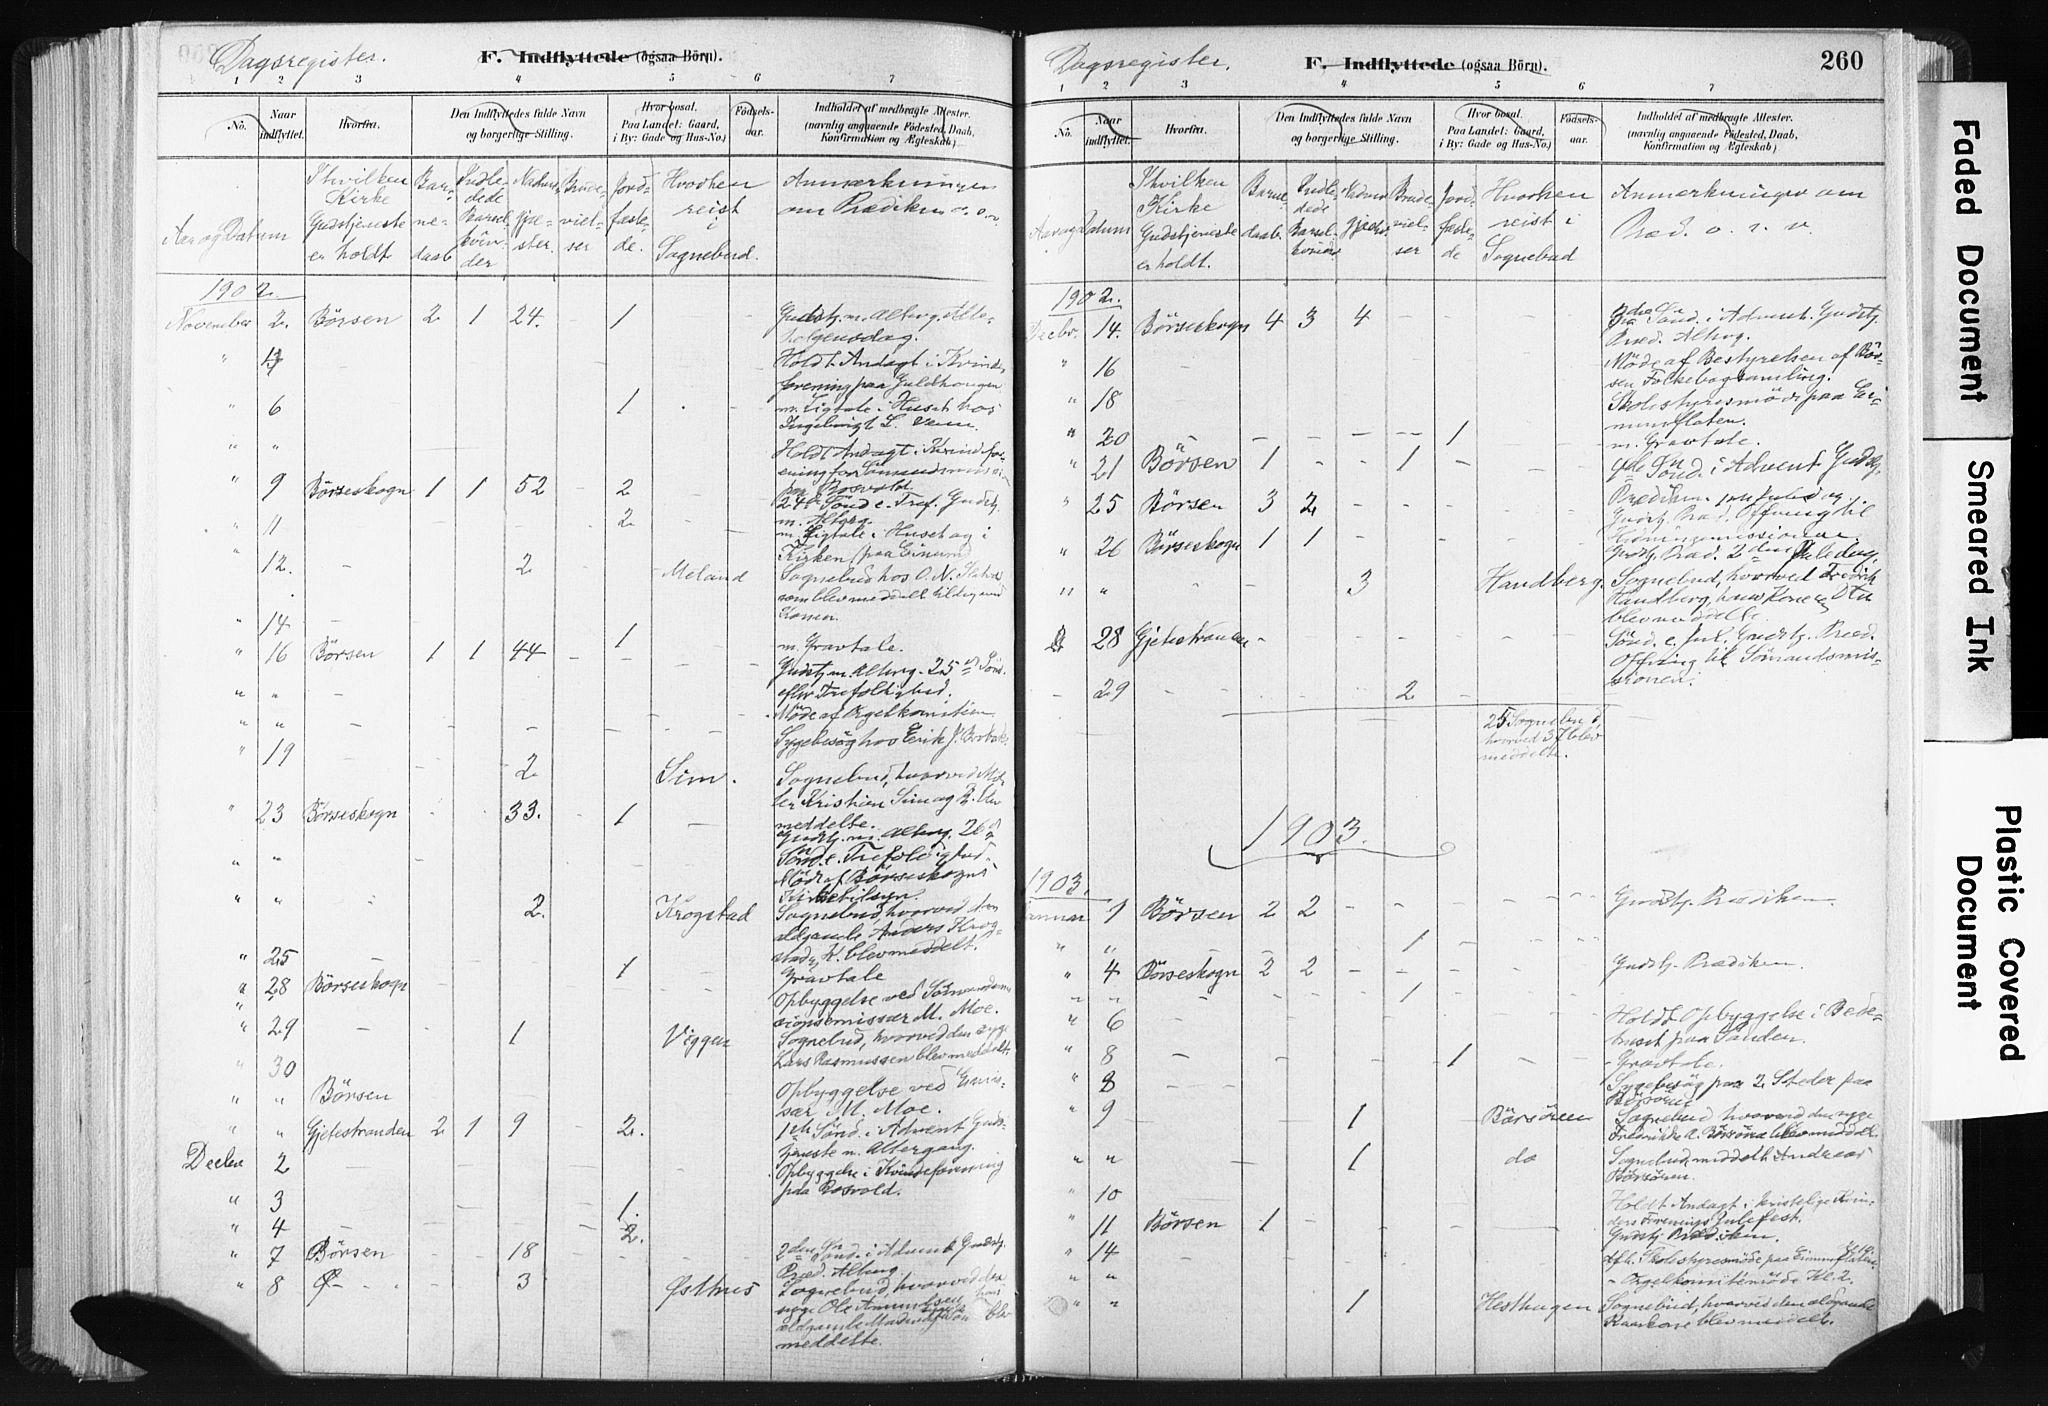 SAT, Ministerialprotokoller, klokkerbøker og fødselsregistre - Sør-Trøndelag, 665/L0773: Ministerialbok nr. 665A08, 1879-1905, s. 260